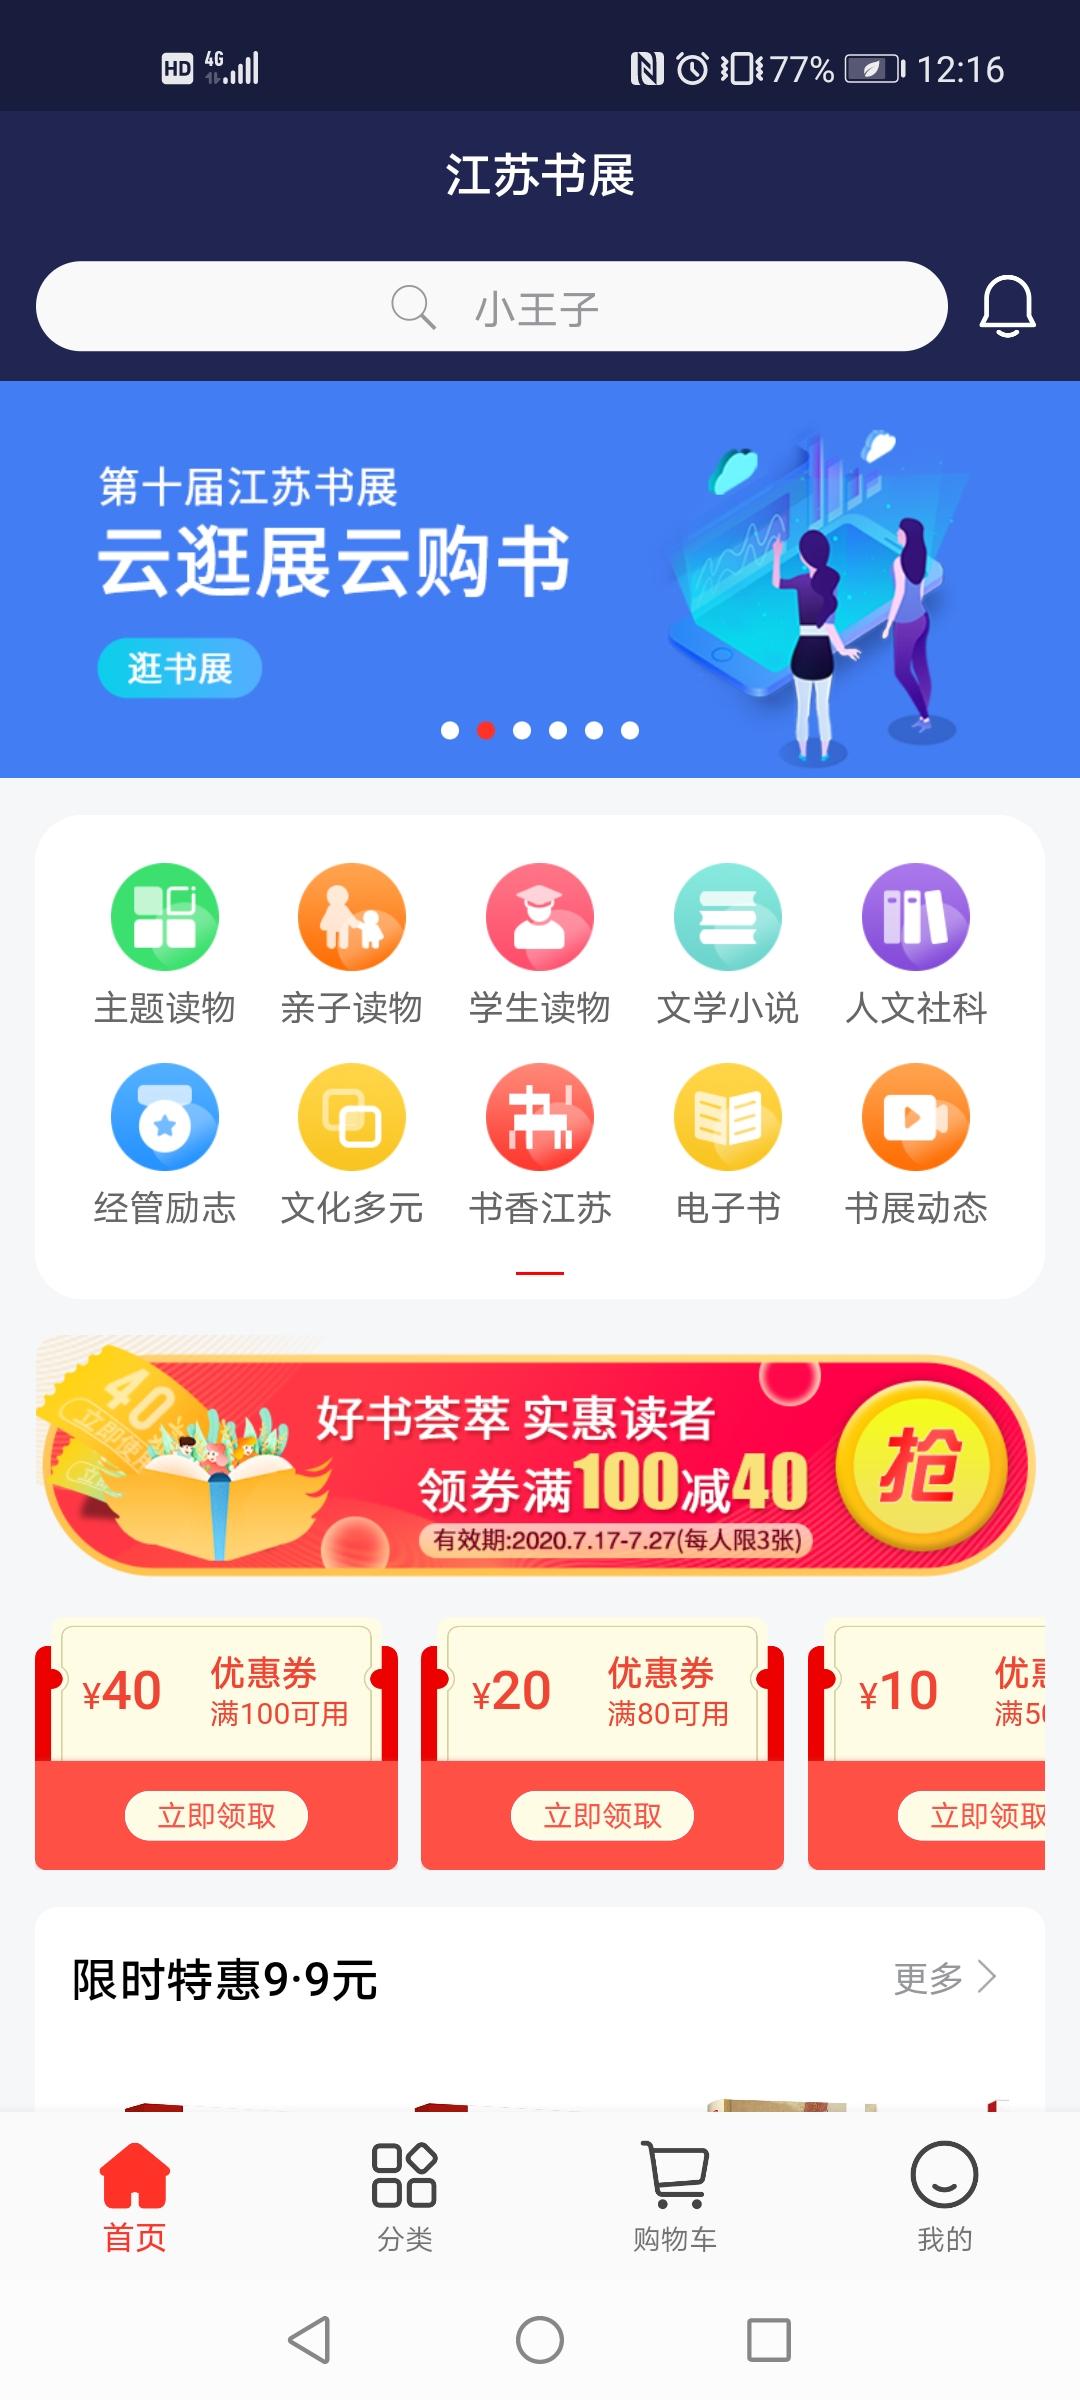 江苏书展App界面